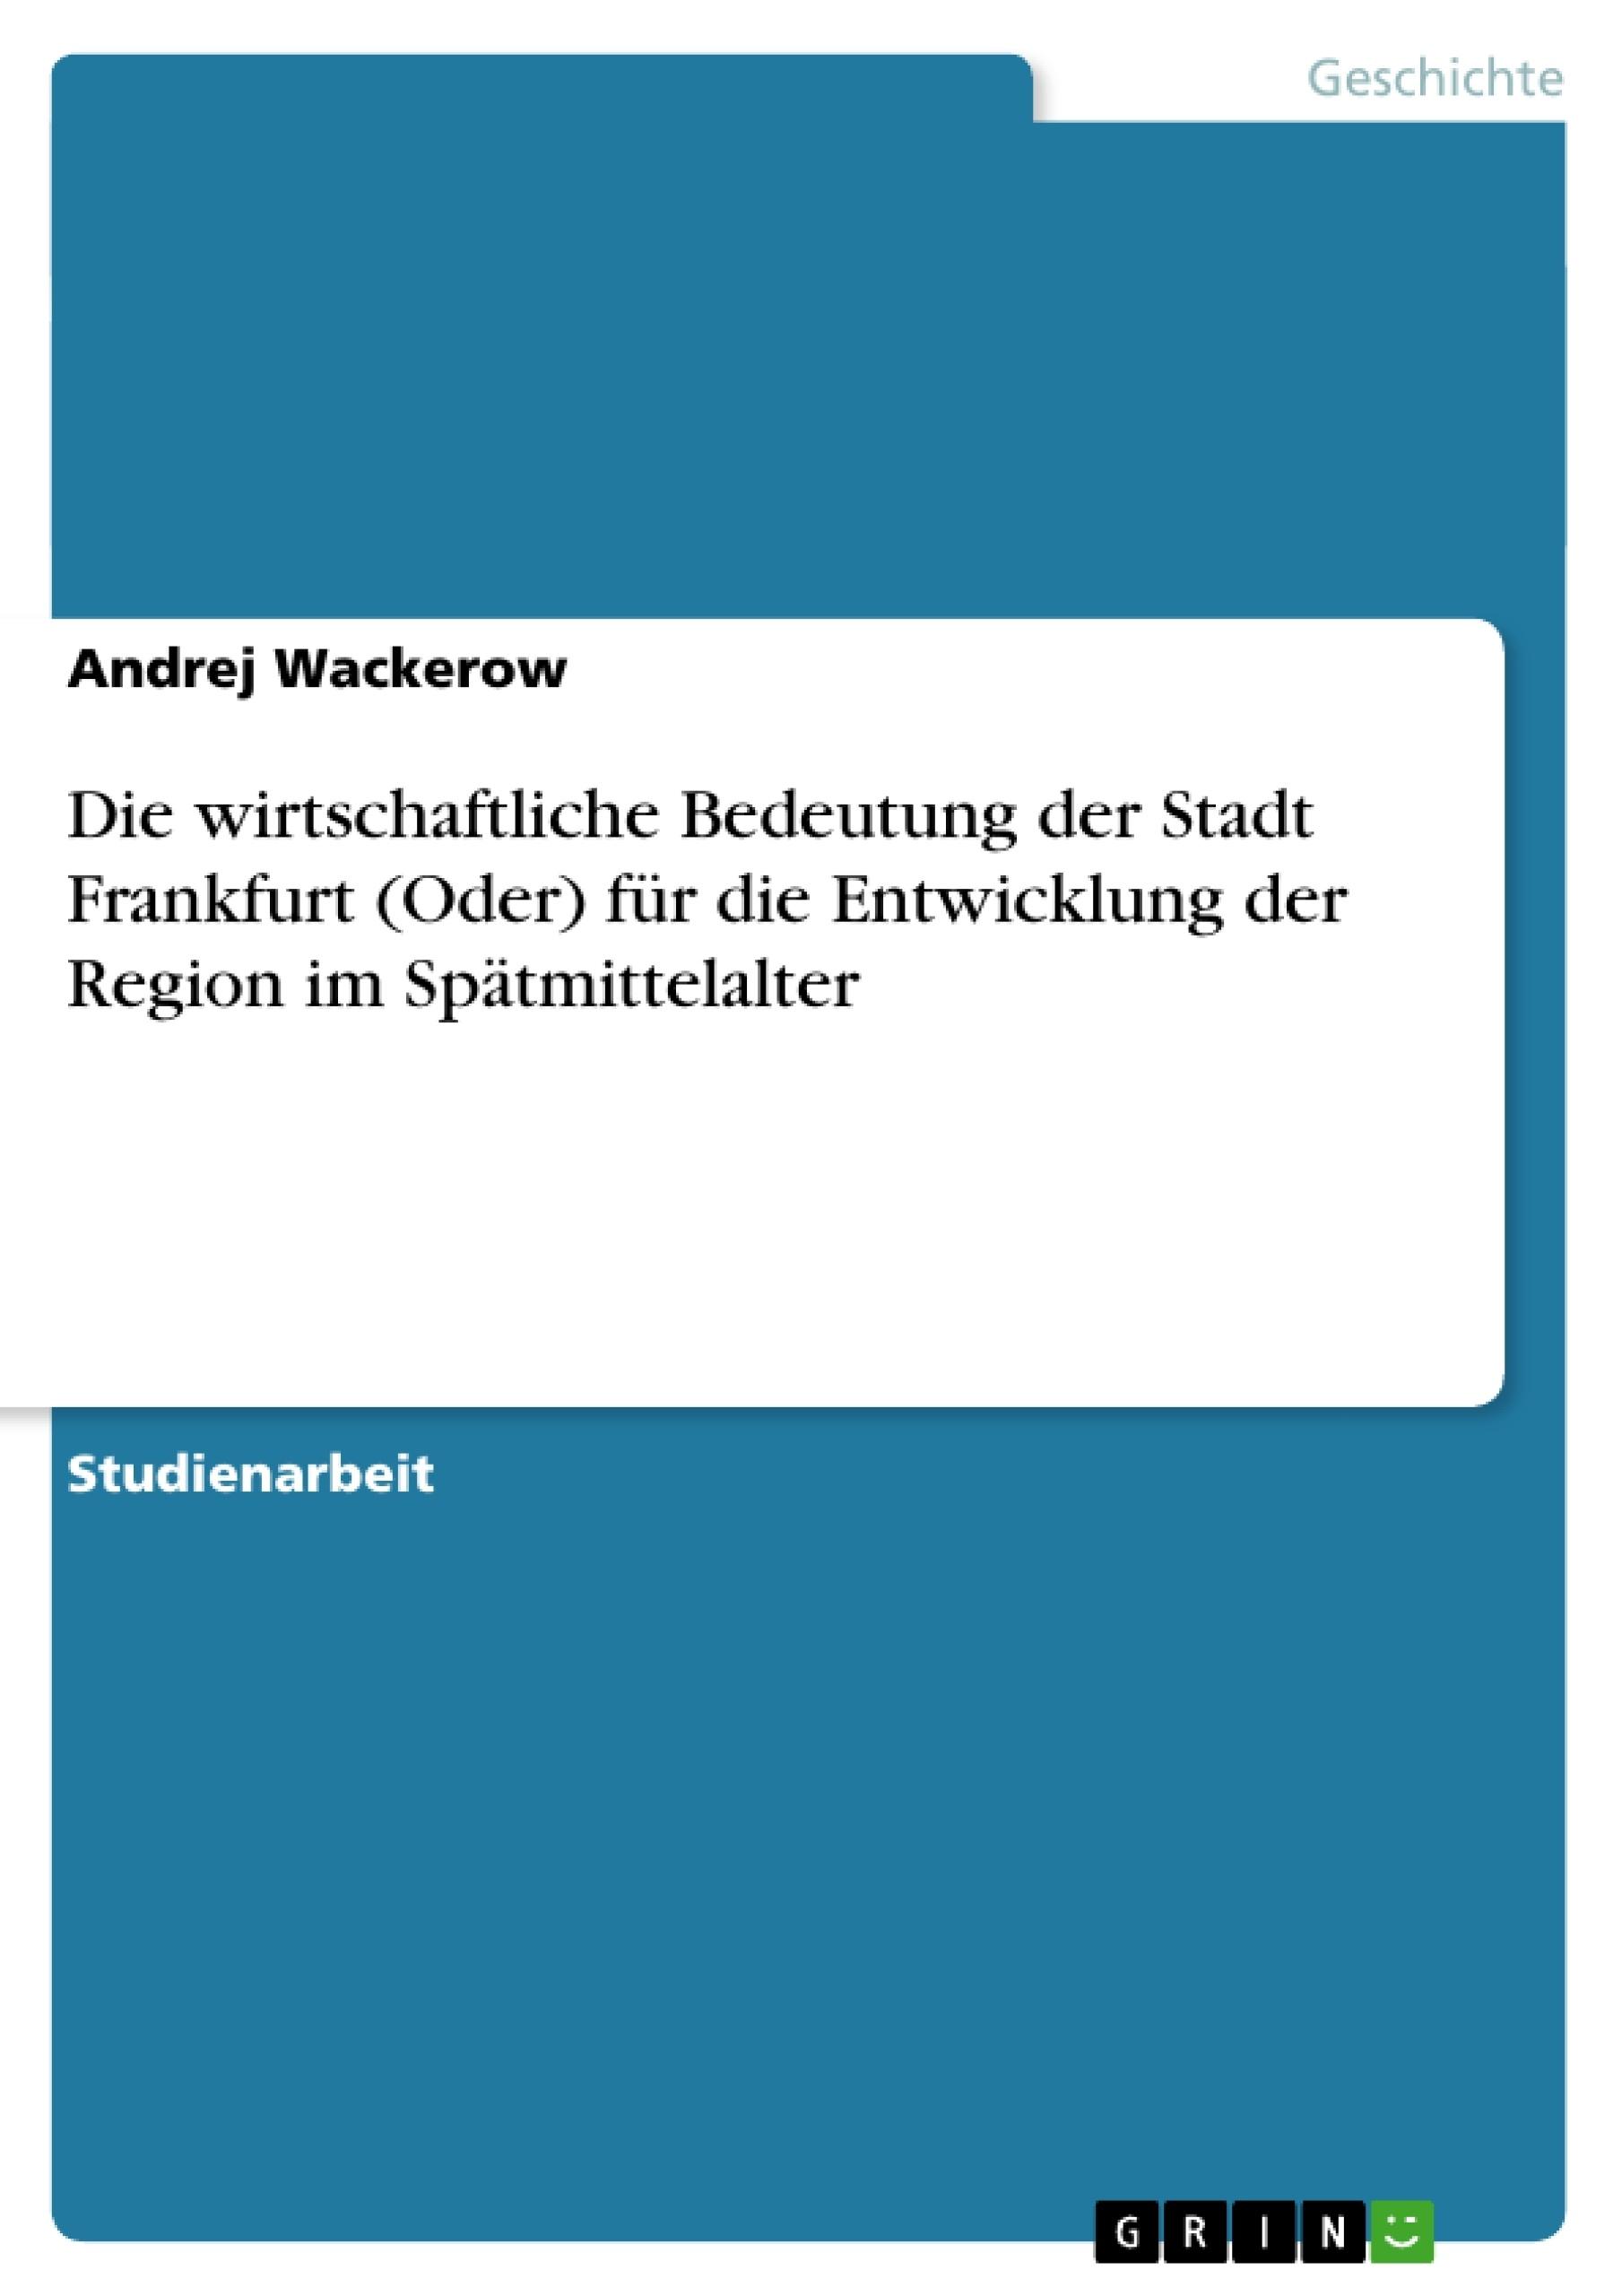 Titel: Die wirtschaftliche Bedeutung der Stadt Frankfurt (Oder) für die Entwicklung der Region im Spätmittelalter